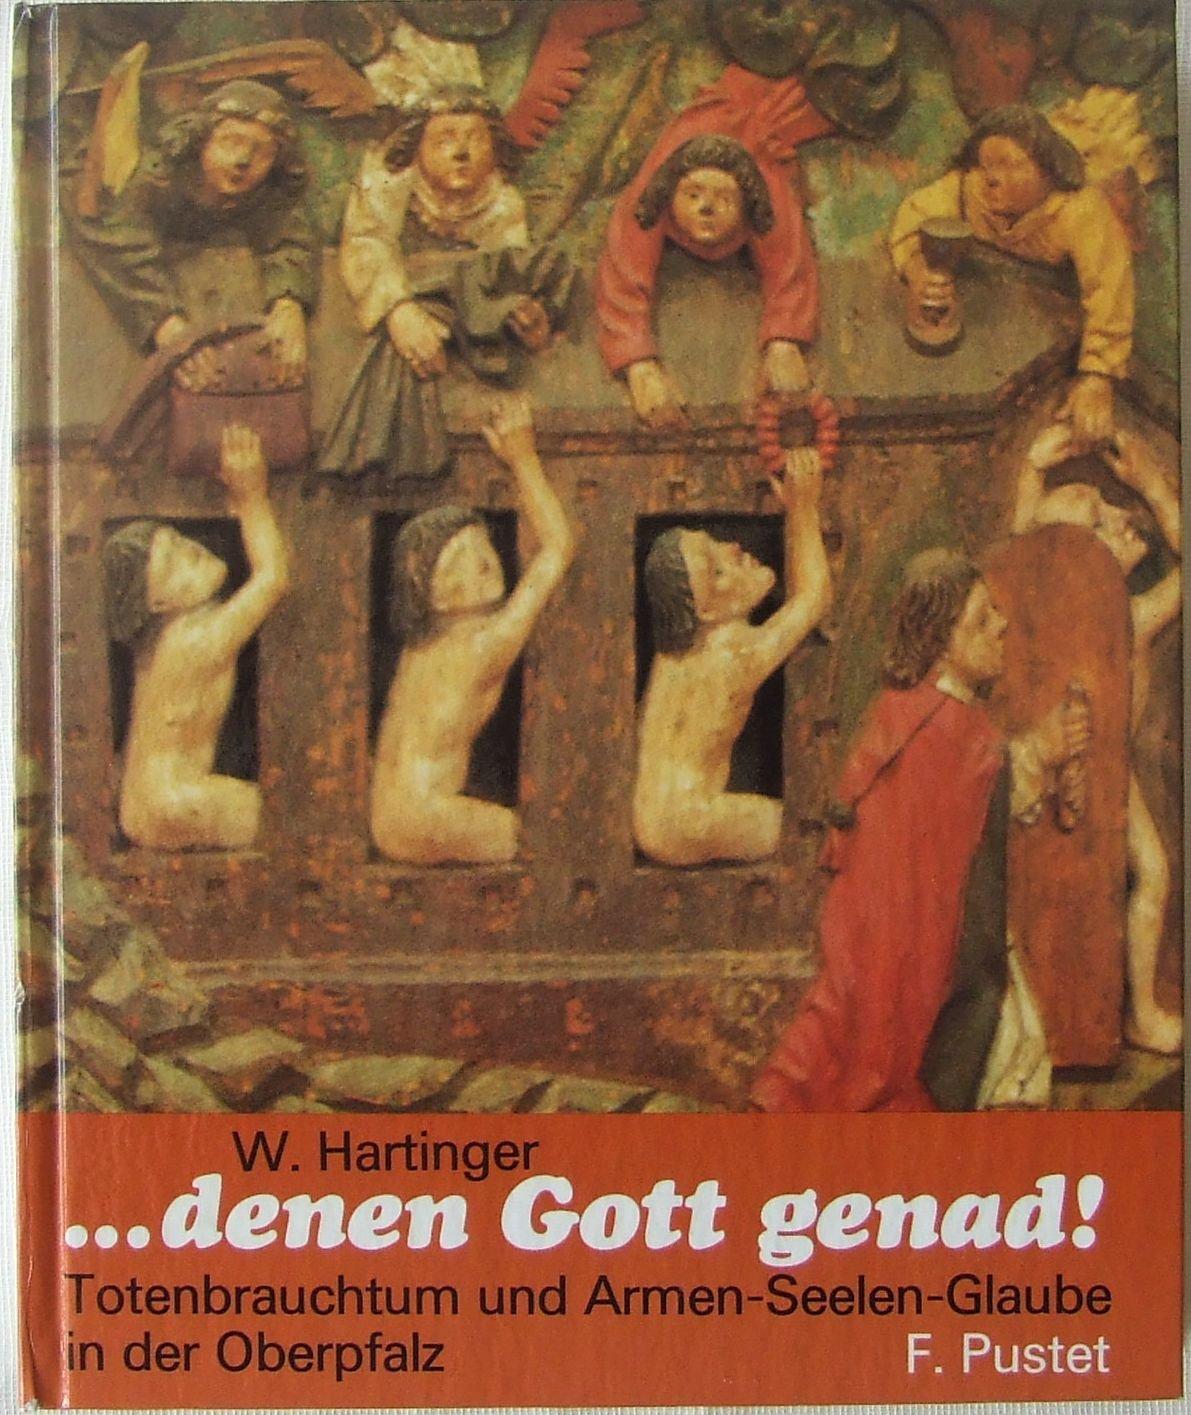 ... denen Gott genad!. Totenbrauchtum und Armen-Seelen-Glaube in der Oberpfalz.